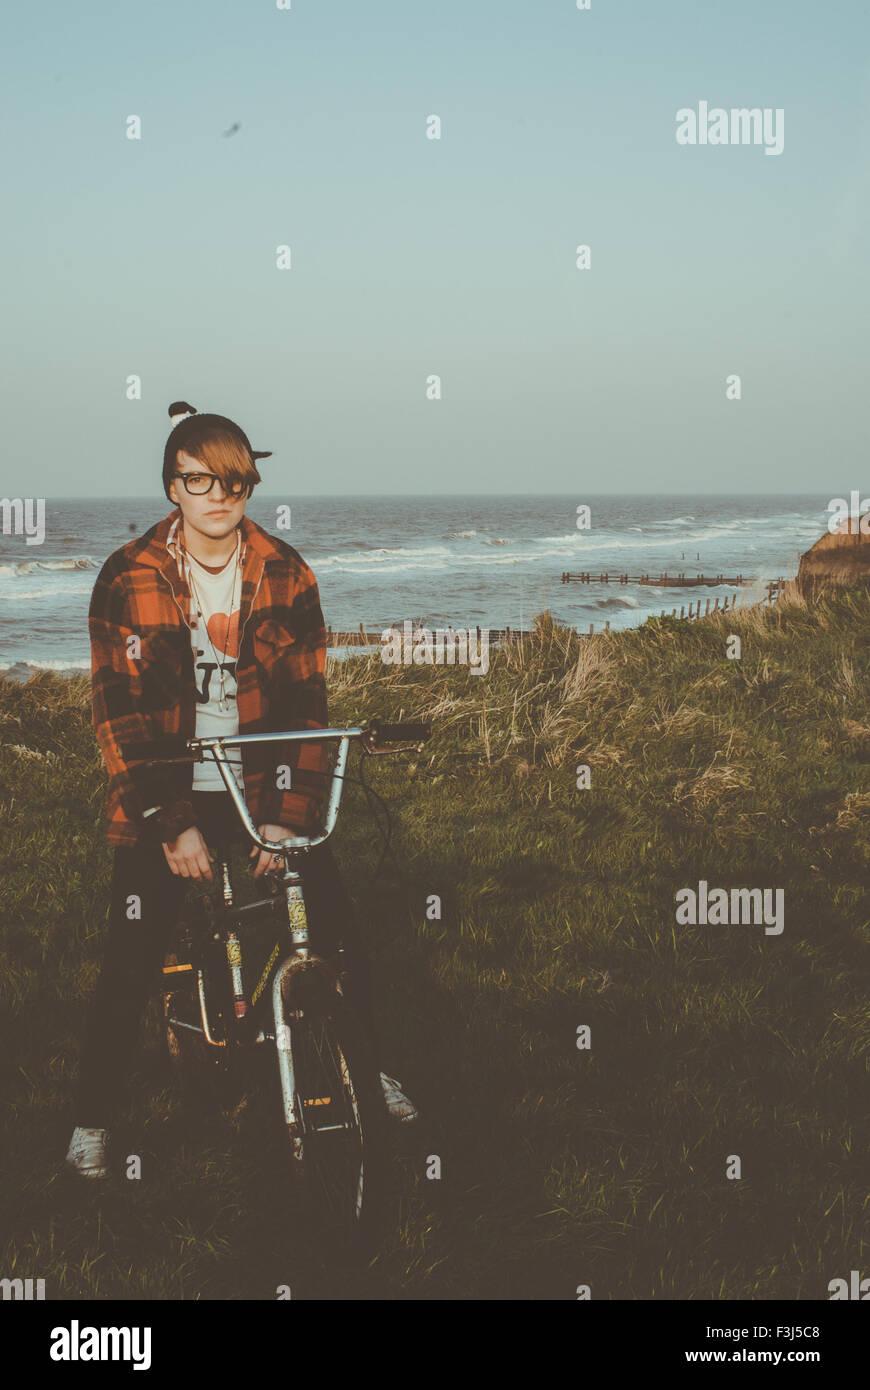 Adolescente sentado en una bicicleta por la costa Imagen De Stock